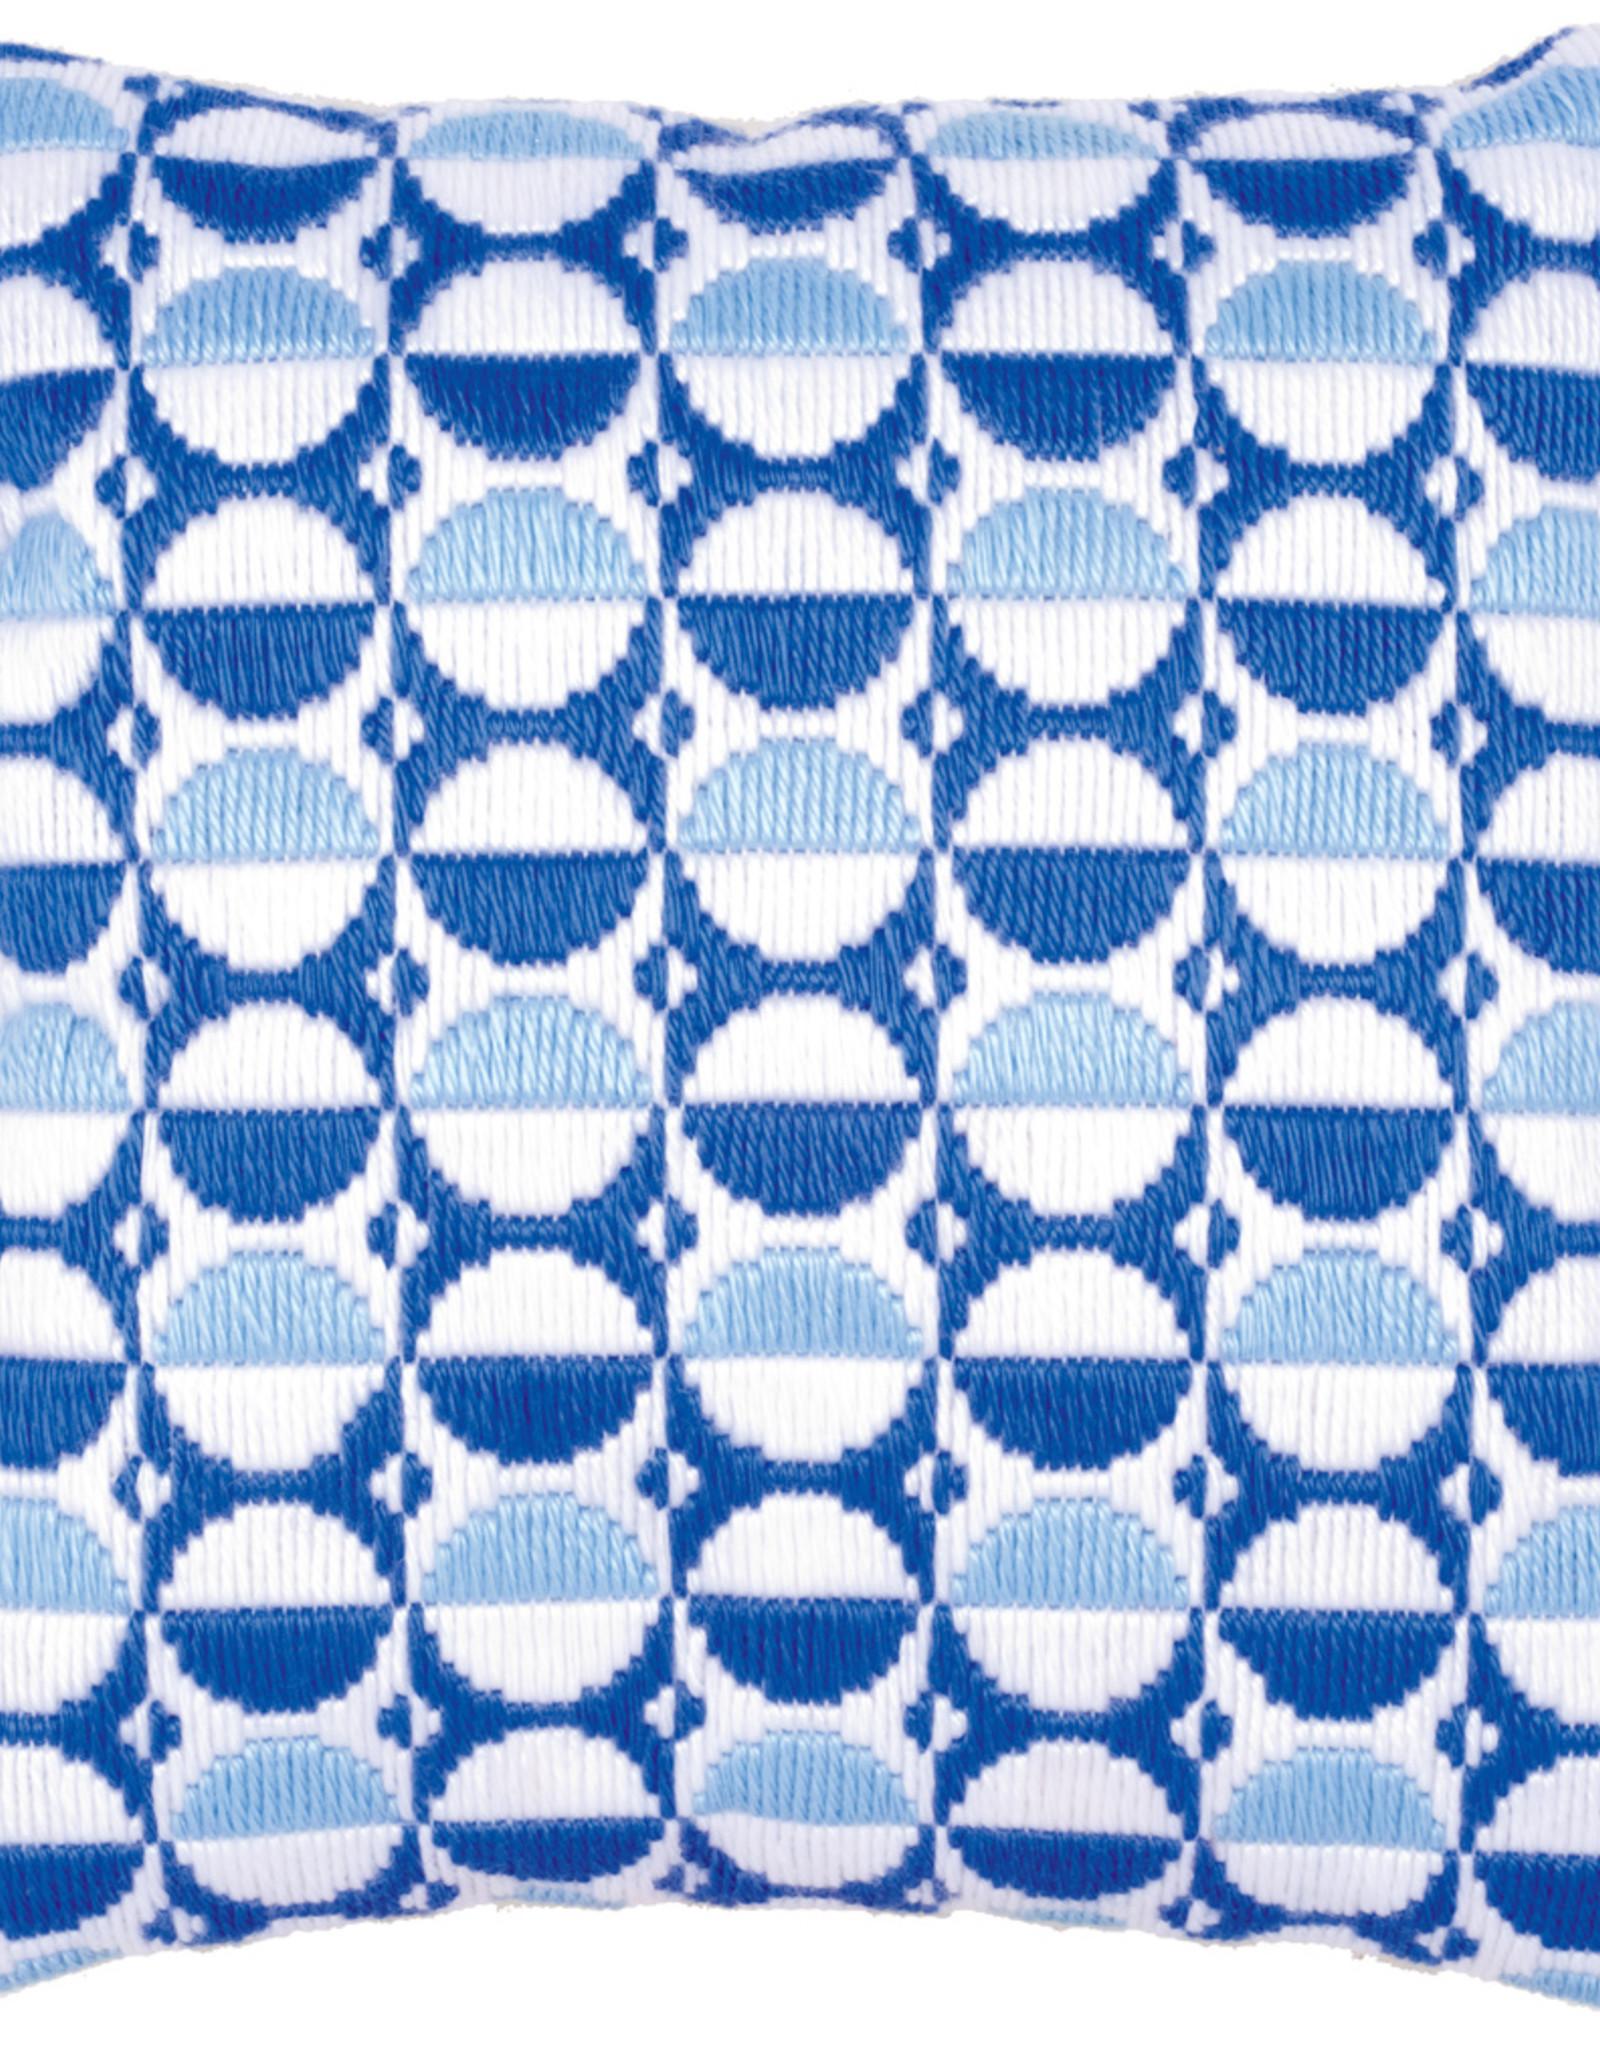 Spansteekkussen blauw/witte cirkels